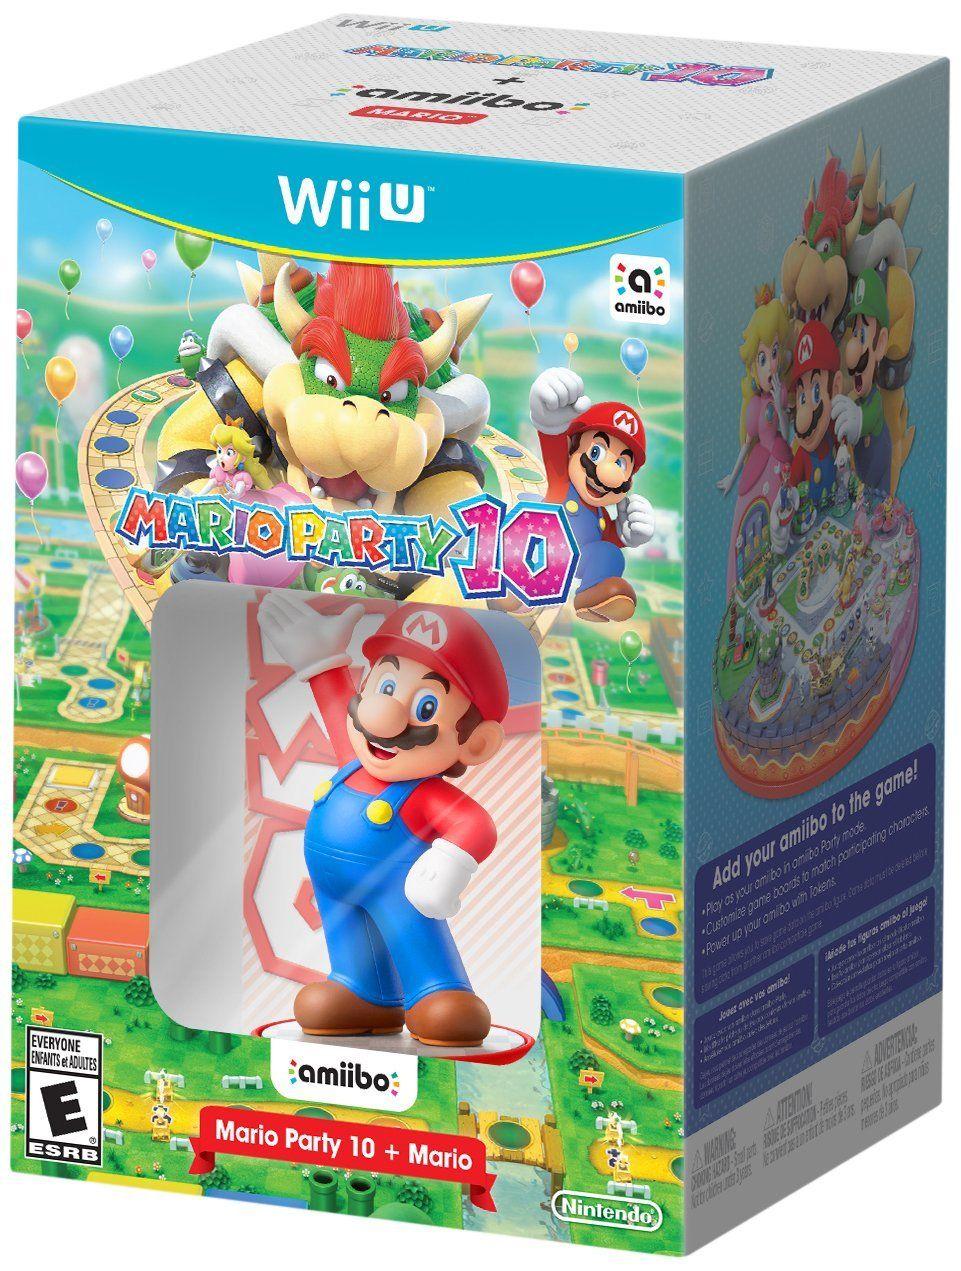 Pre-order Mario Party 10 with Super Mario Amiibo at GameStop